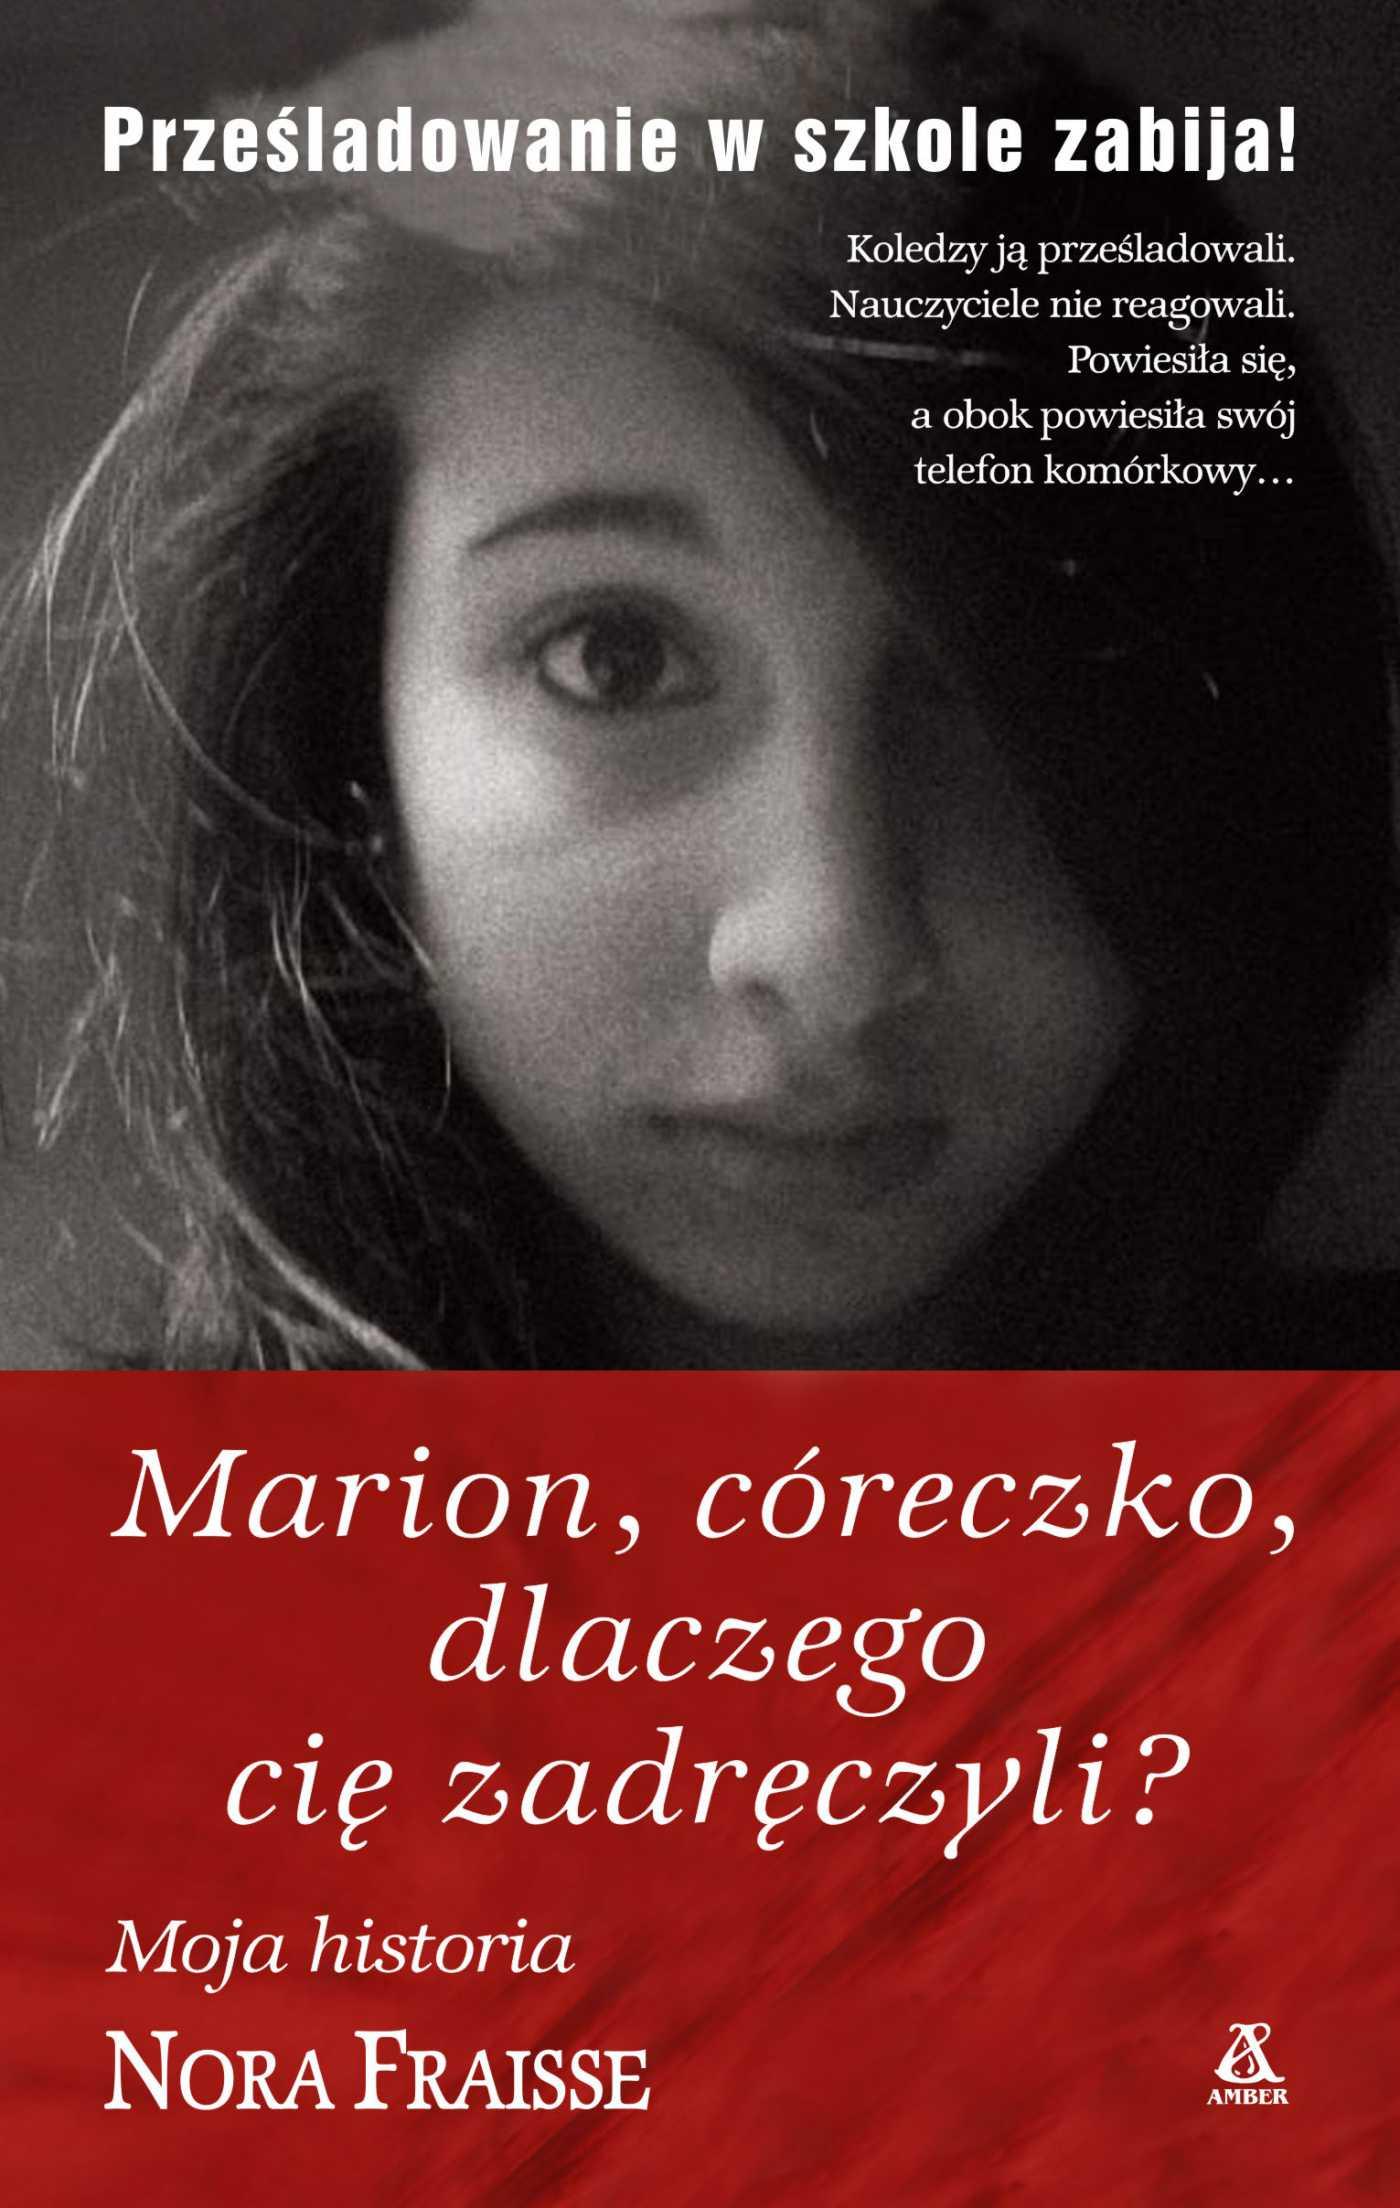 Marion, córeczko, dlaczego cię zadręczyli? - Ebook (Książka EPUB) do pobrania w formacie EPUB